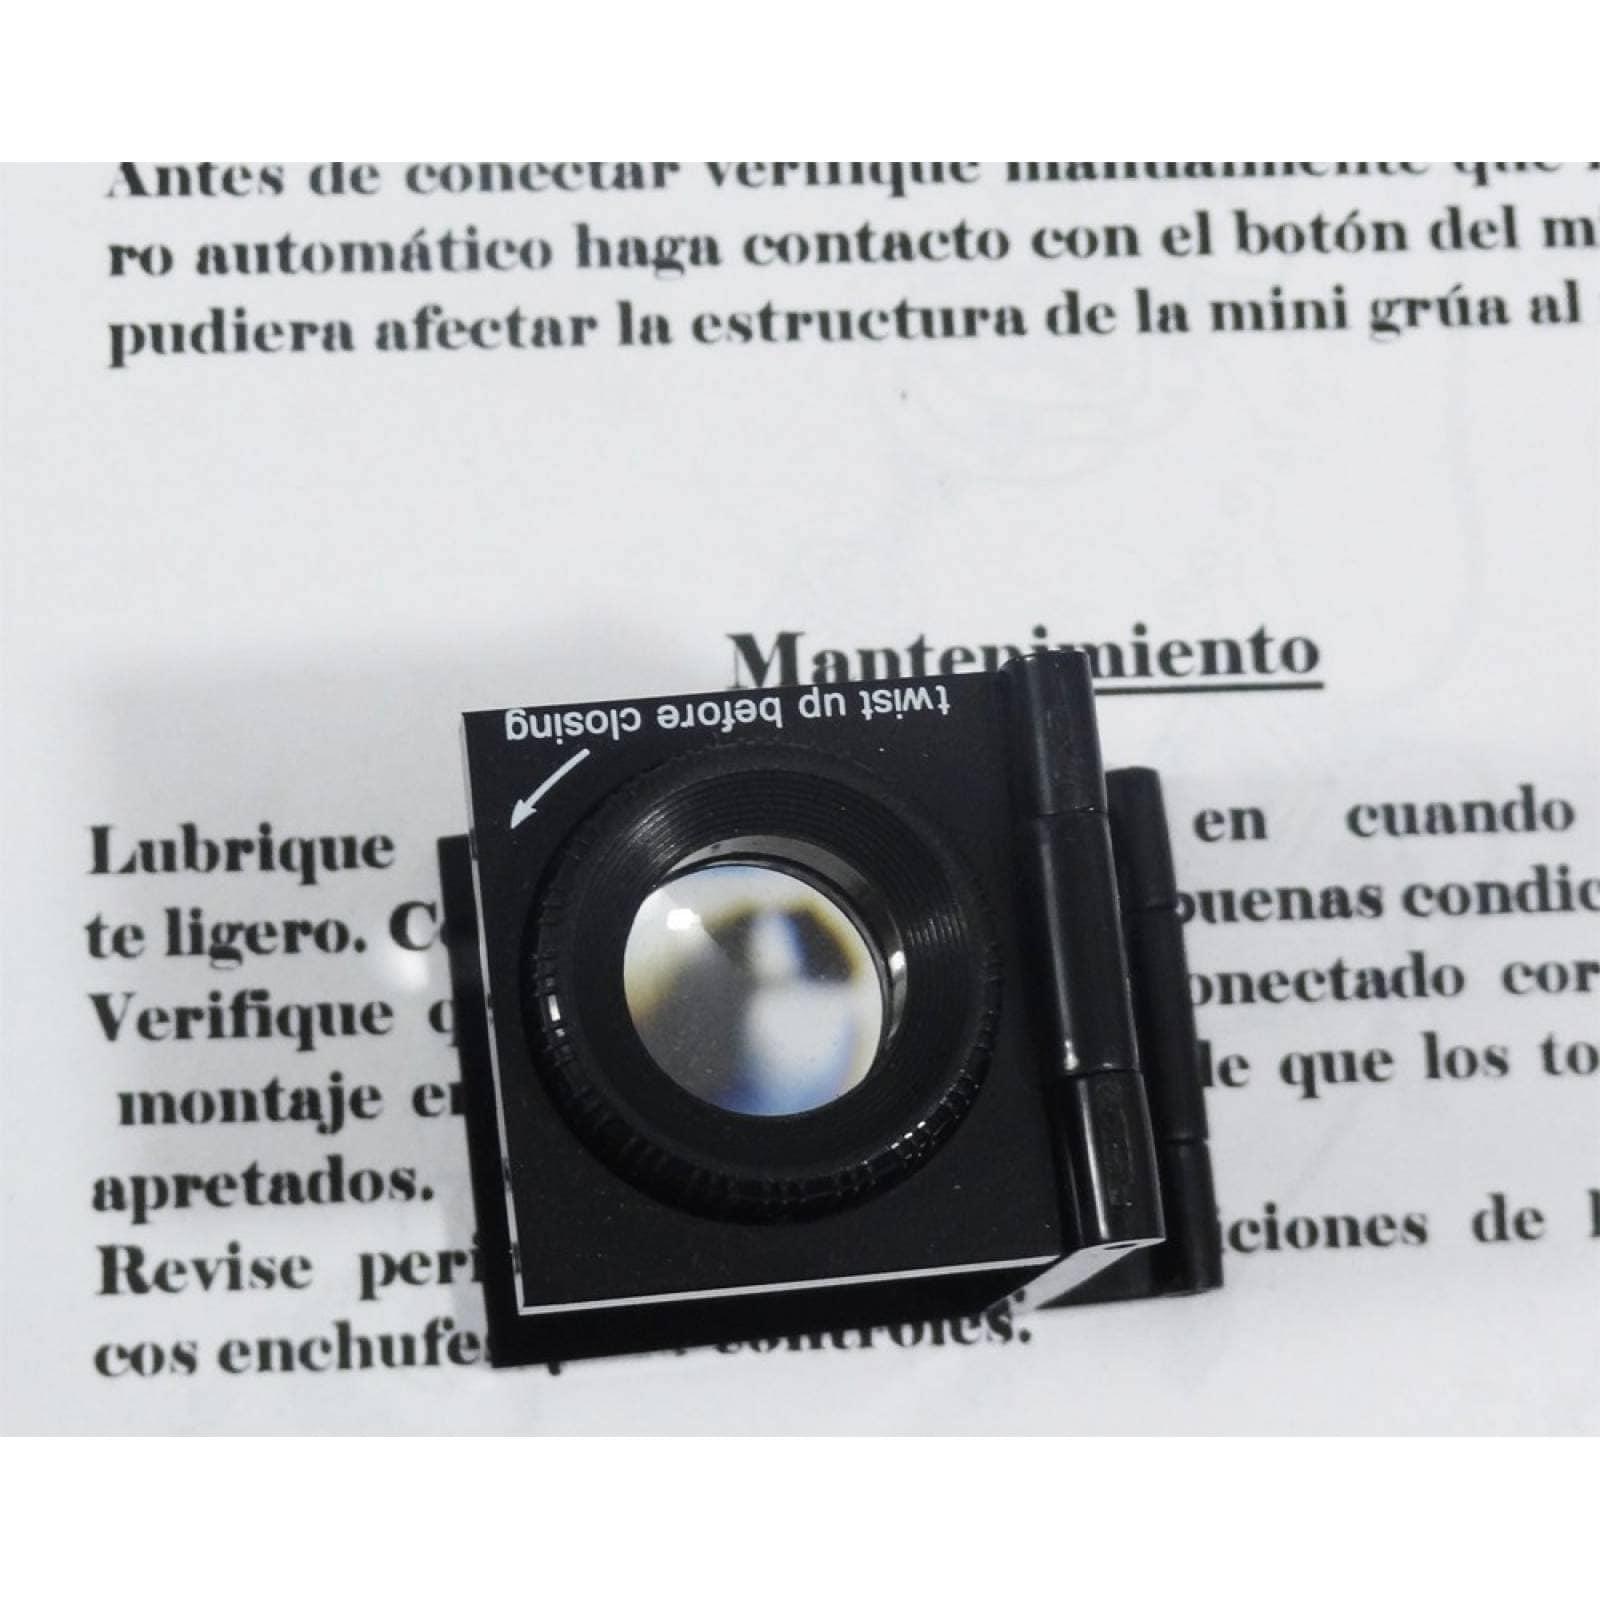 Lupa cuenta hilos enfocable de 15 mm aumento 10x 1c06640af1